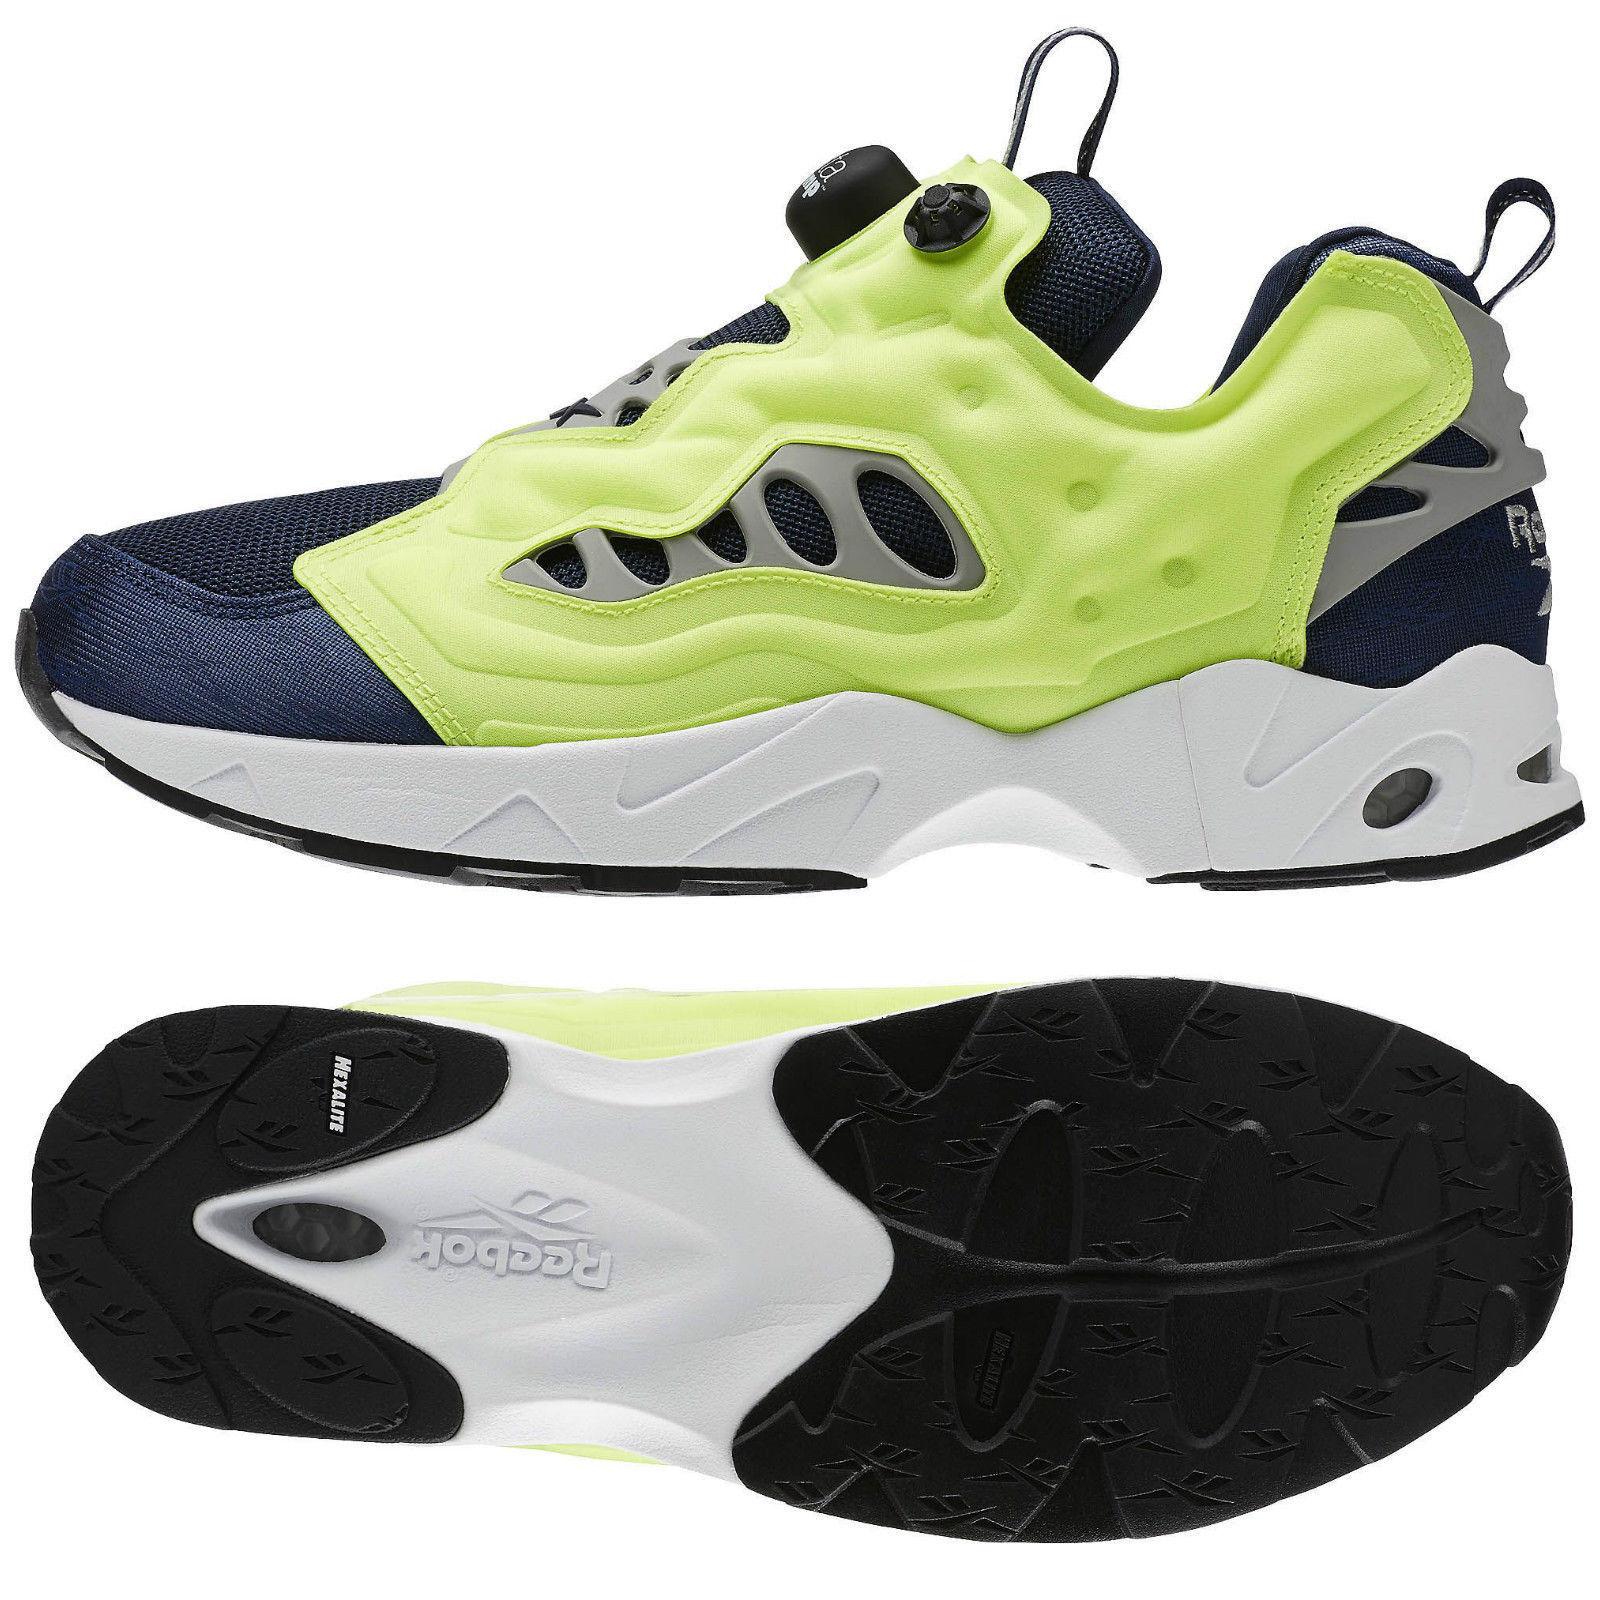 Reebok insta Pump Fury zapatos, cortos, zapatillas, v66585